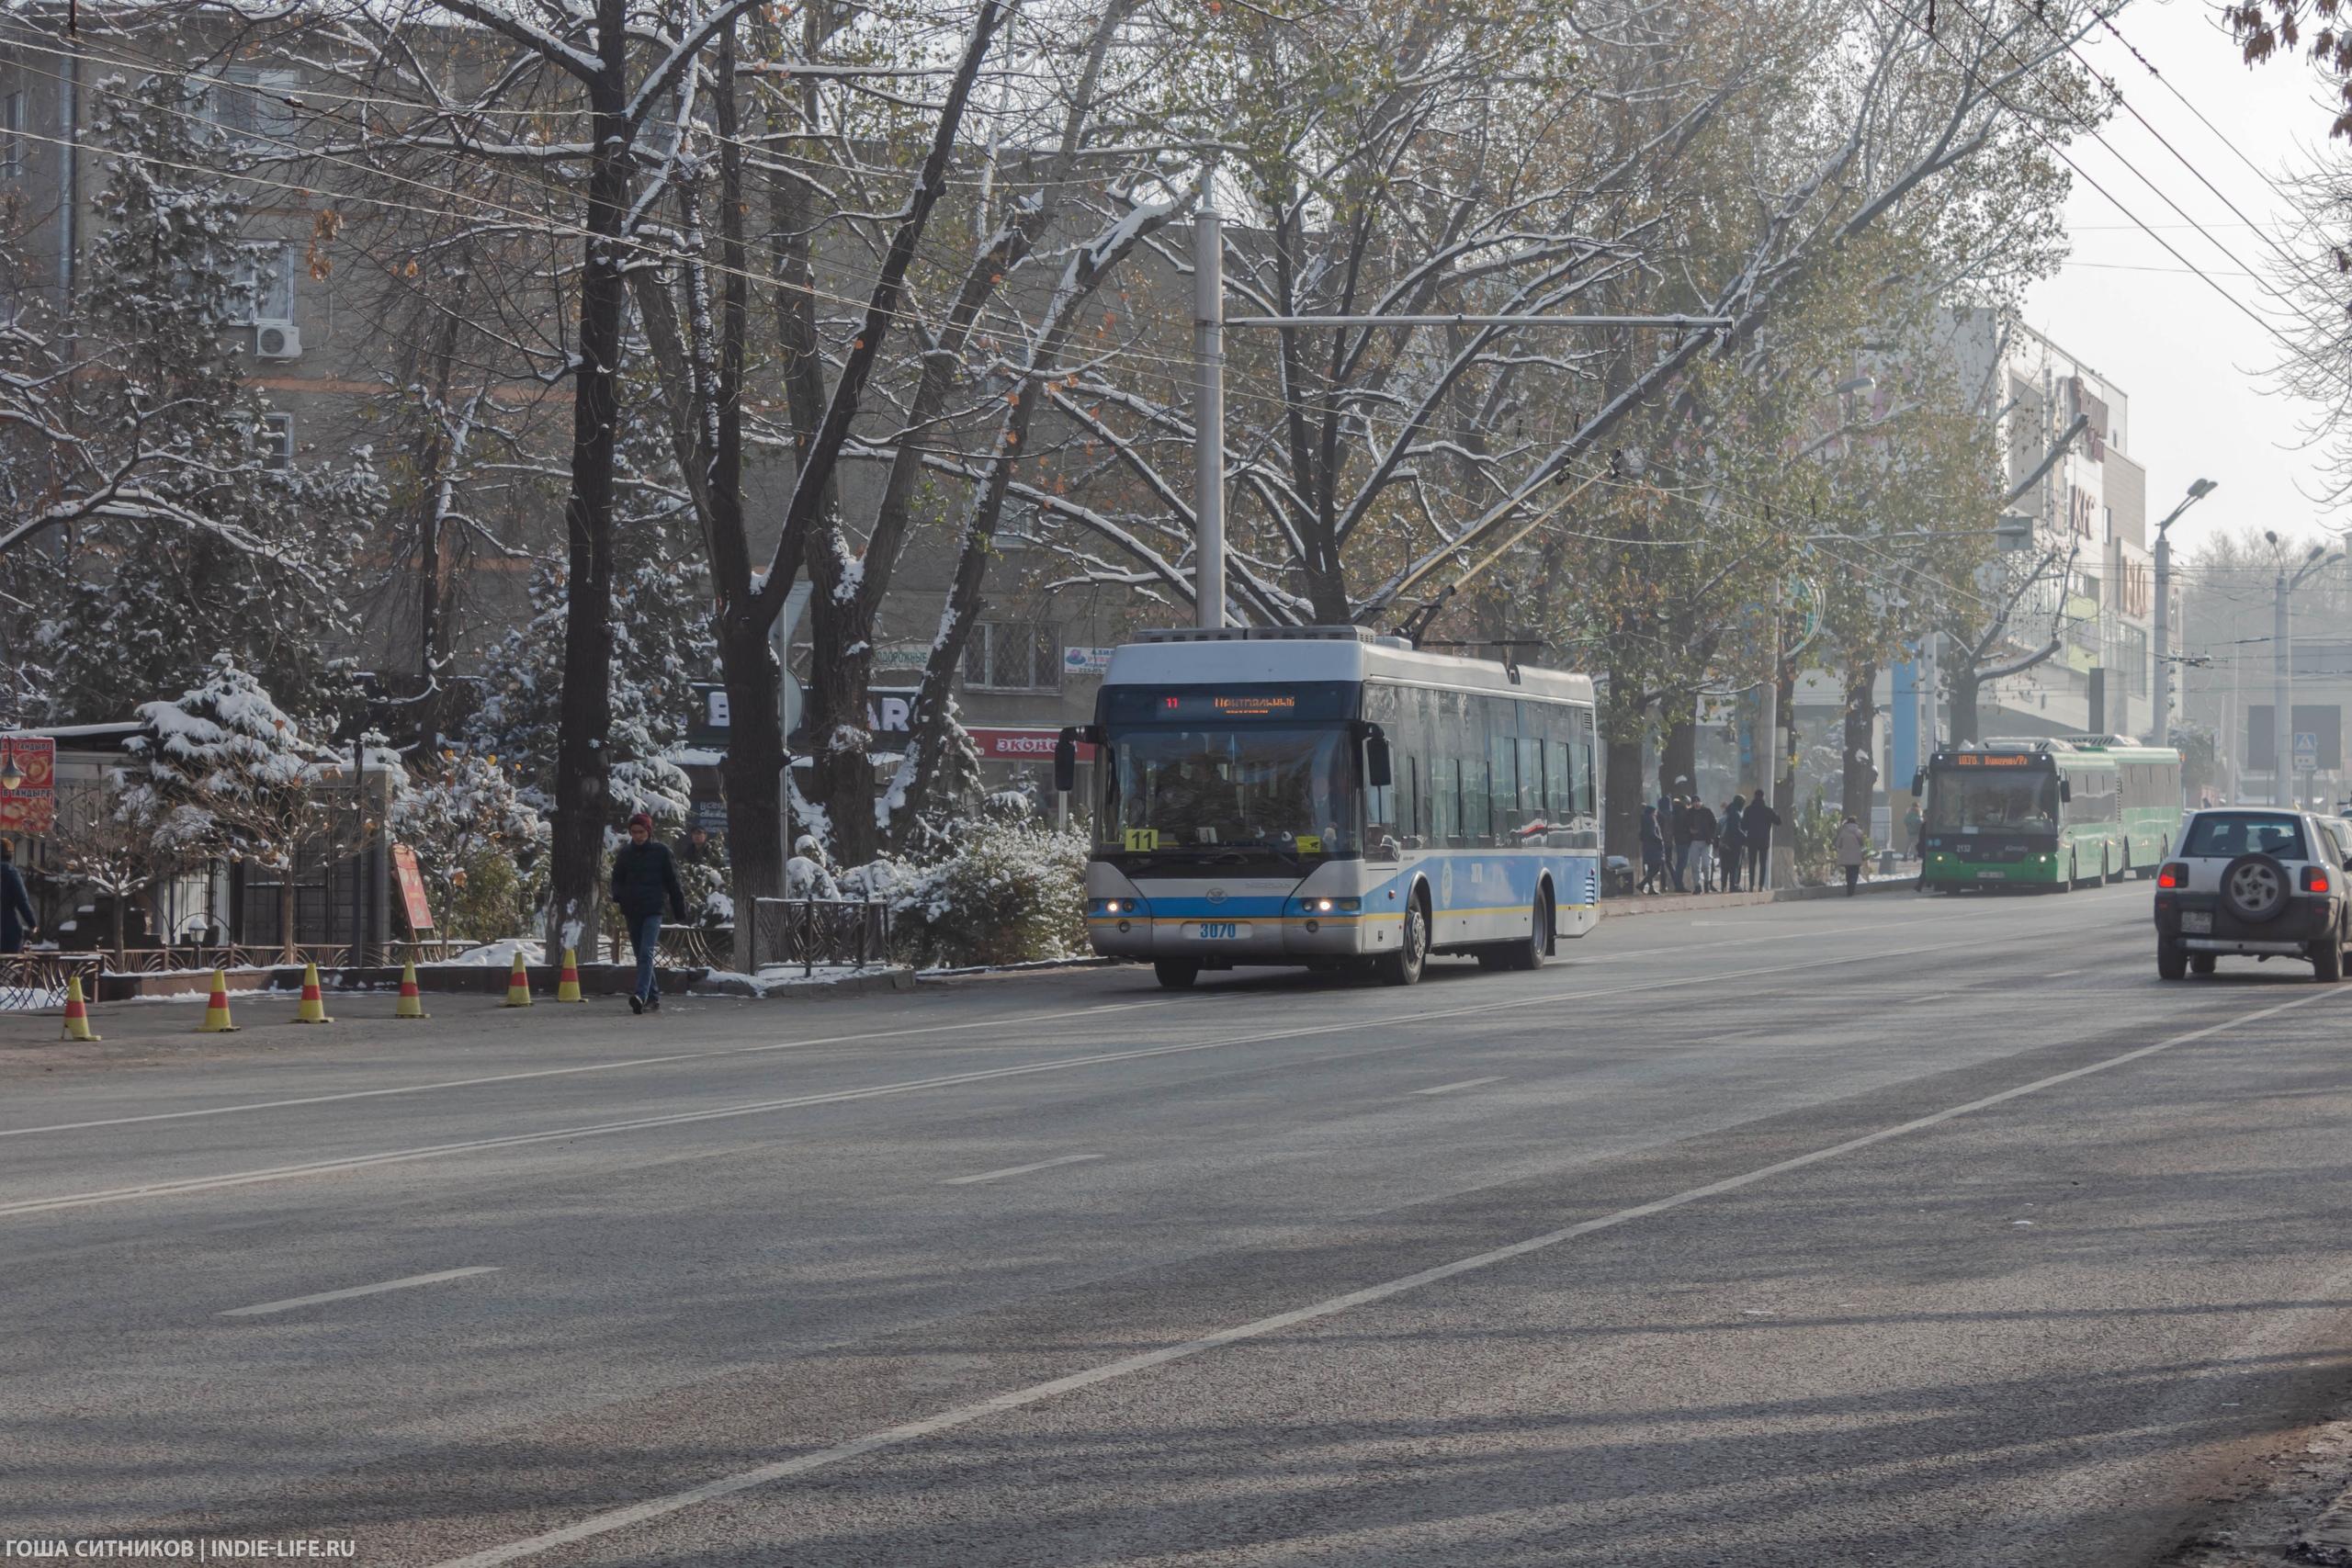 Троллейбус и автобусы